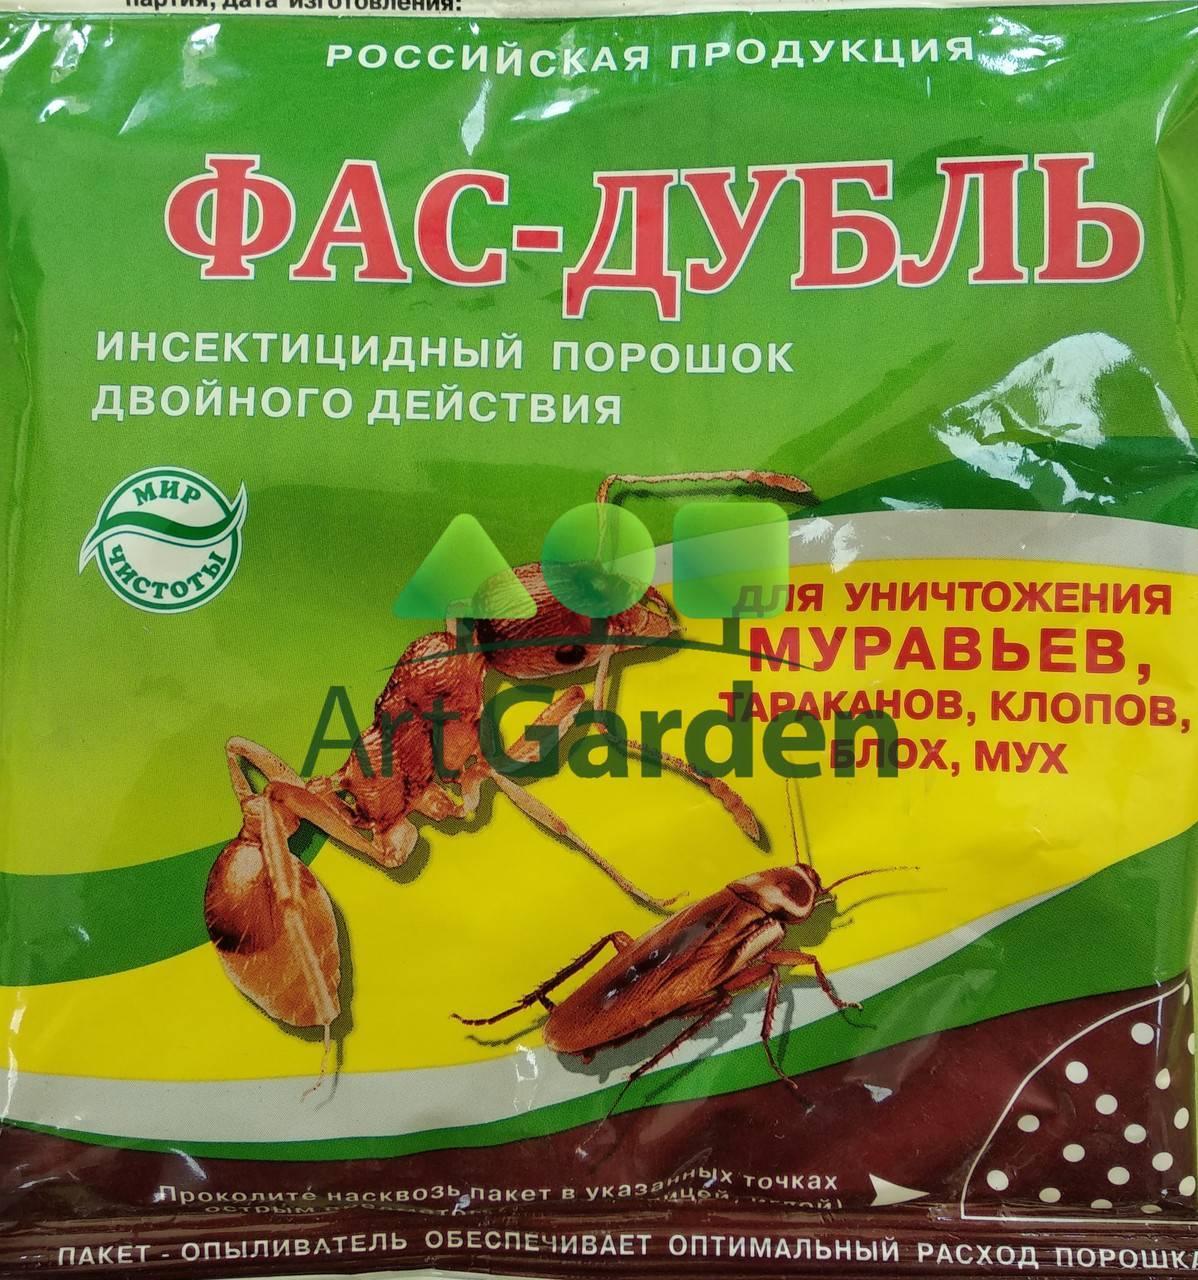 Избавиться от муравьев - как выбрать инсектицид?